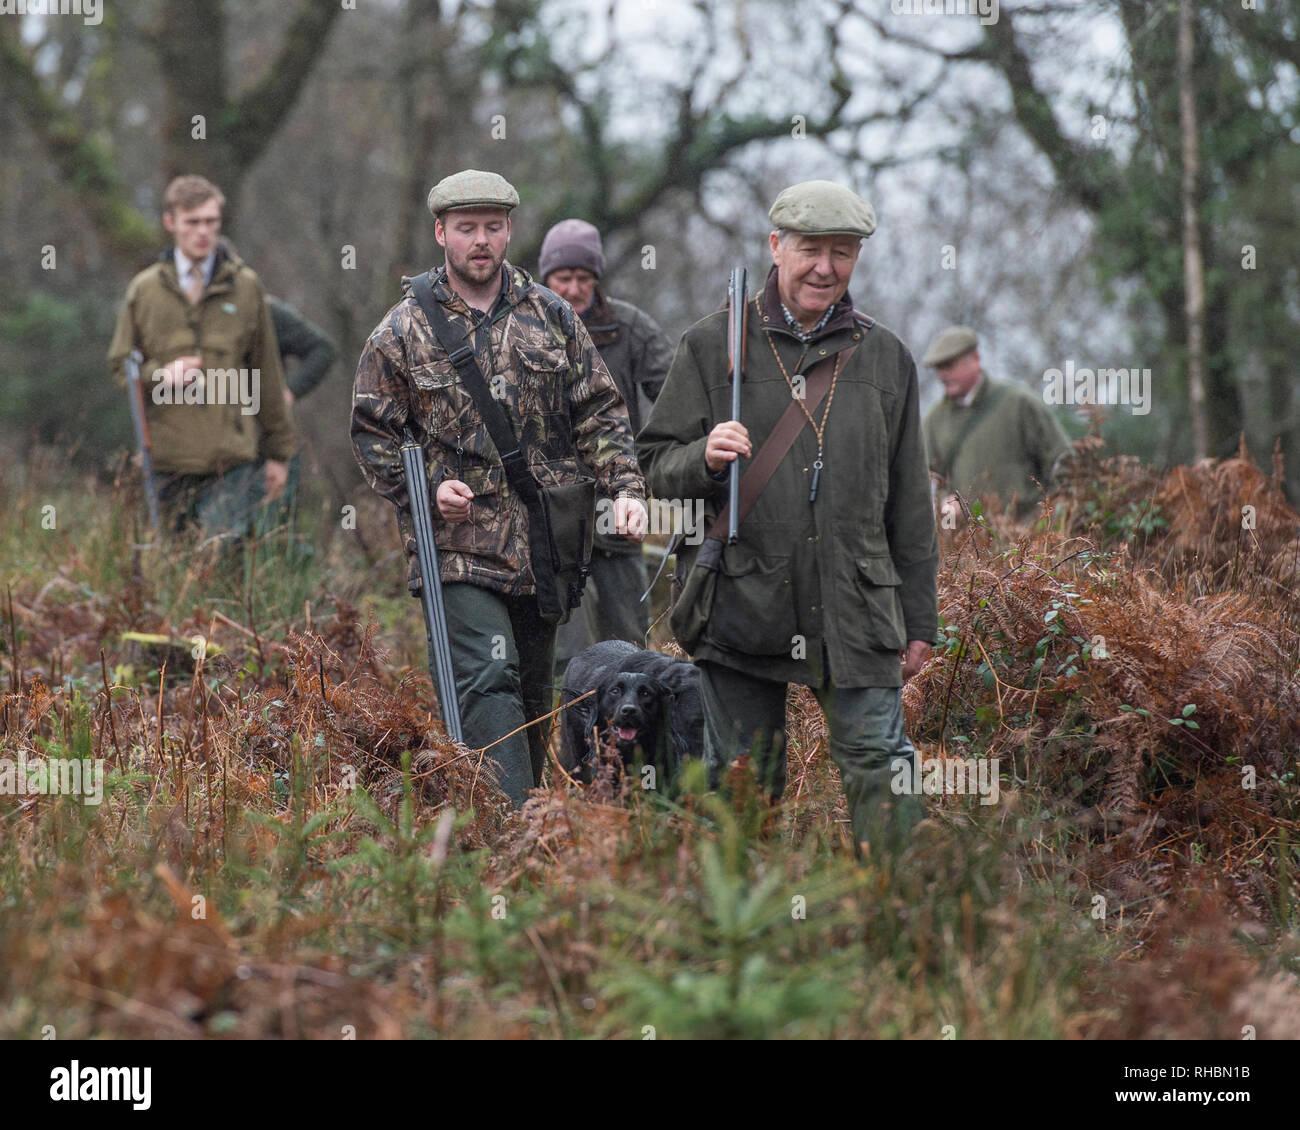 Gruppo di cacciatori armati di pistole a piedi Immagini Stock